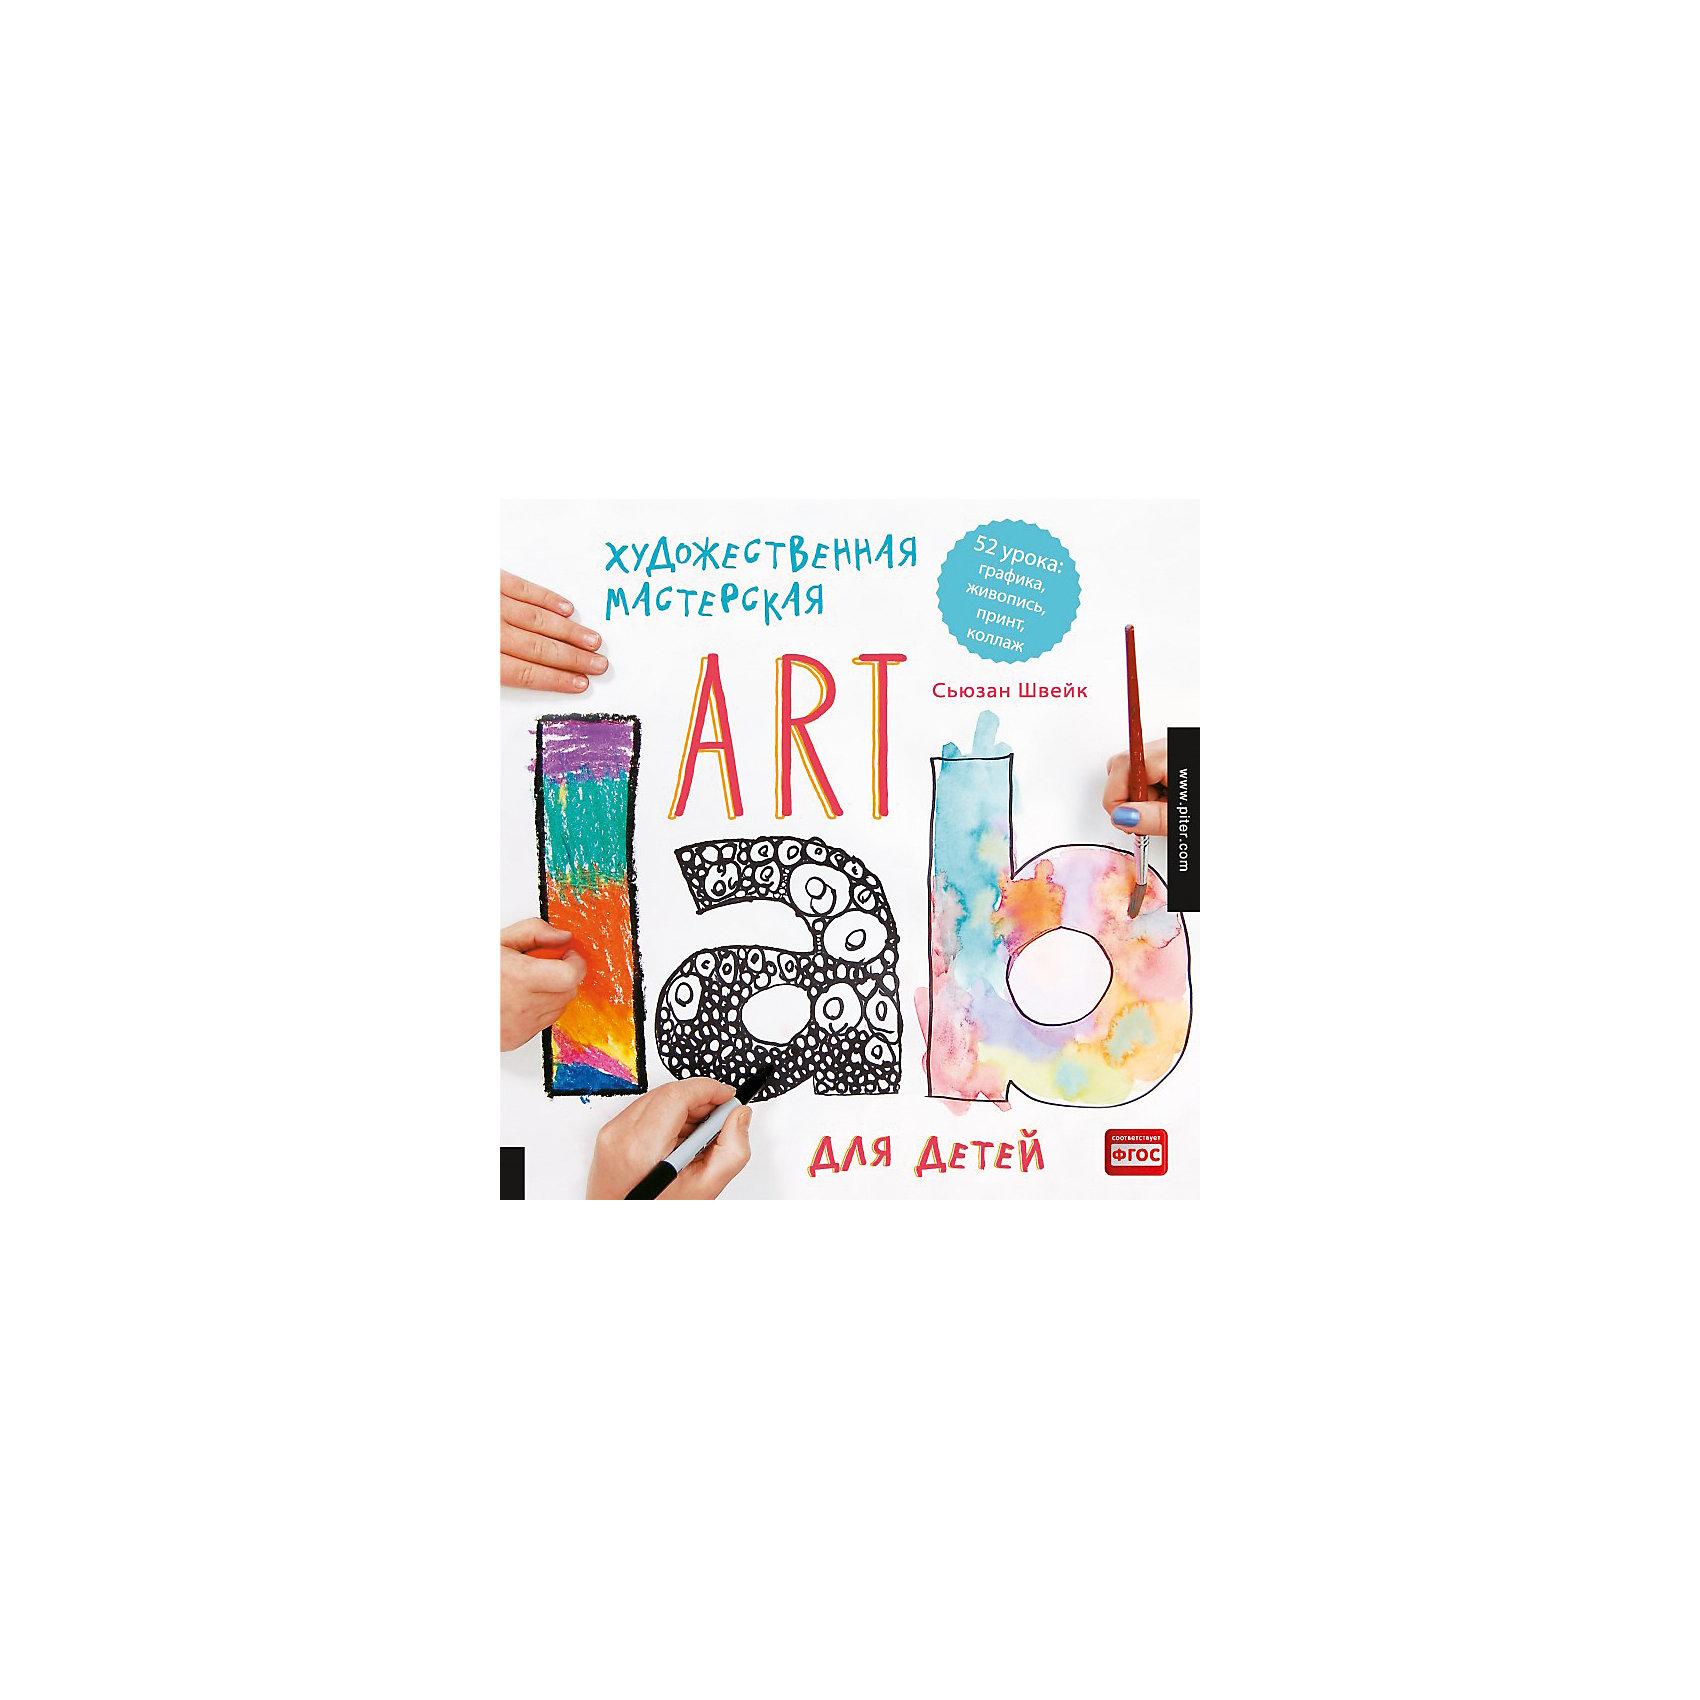 Художественная мастерская для детей (Art Lab)Раскраски по номерам<br>Книга «Художественная мастерская для детей» - уникальная книга, рассказывающая о формах и видах всевозможного искусства. В книге представлены 52 необычных урока от настоящего мастера своего дела. Ребенок познакомится с живописью, графикой, принтами, квиллингом, коллажами и многими другими техниками выражения себя. Завершение каждого урока приносит ребенку результат в виде чего-то, созданного своими руками. Книга содержит яркие, красочные иллюстрации, от которых невозможно оторваться. Сборник развивает мышление, творческие способности и воображение. <br><br>Дополнительная информация:<br><br>страниц: 144;<br>возраст: 6+;<br>формат:  220 х 290 мм.<br><br>Книгу «Художественная мастерская для детей (Art Lab)» можно купить в нашем магазине.<br><br>Ширина мм: 290<br>Глубина мм: 215<br>Высота мм: 9<br>Вес г: 440<br>Возраст от месяцев: 72<br>Возраст до месяцев: 2147483647<br>Пол: Унисекс<br>Возраст: Детский<br>SKU: 4966331